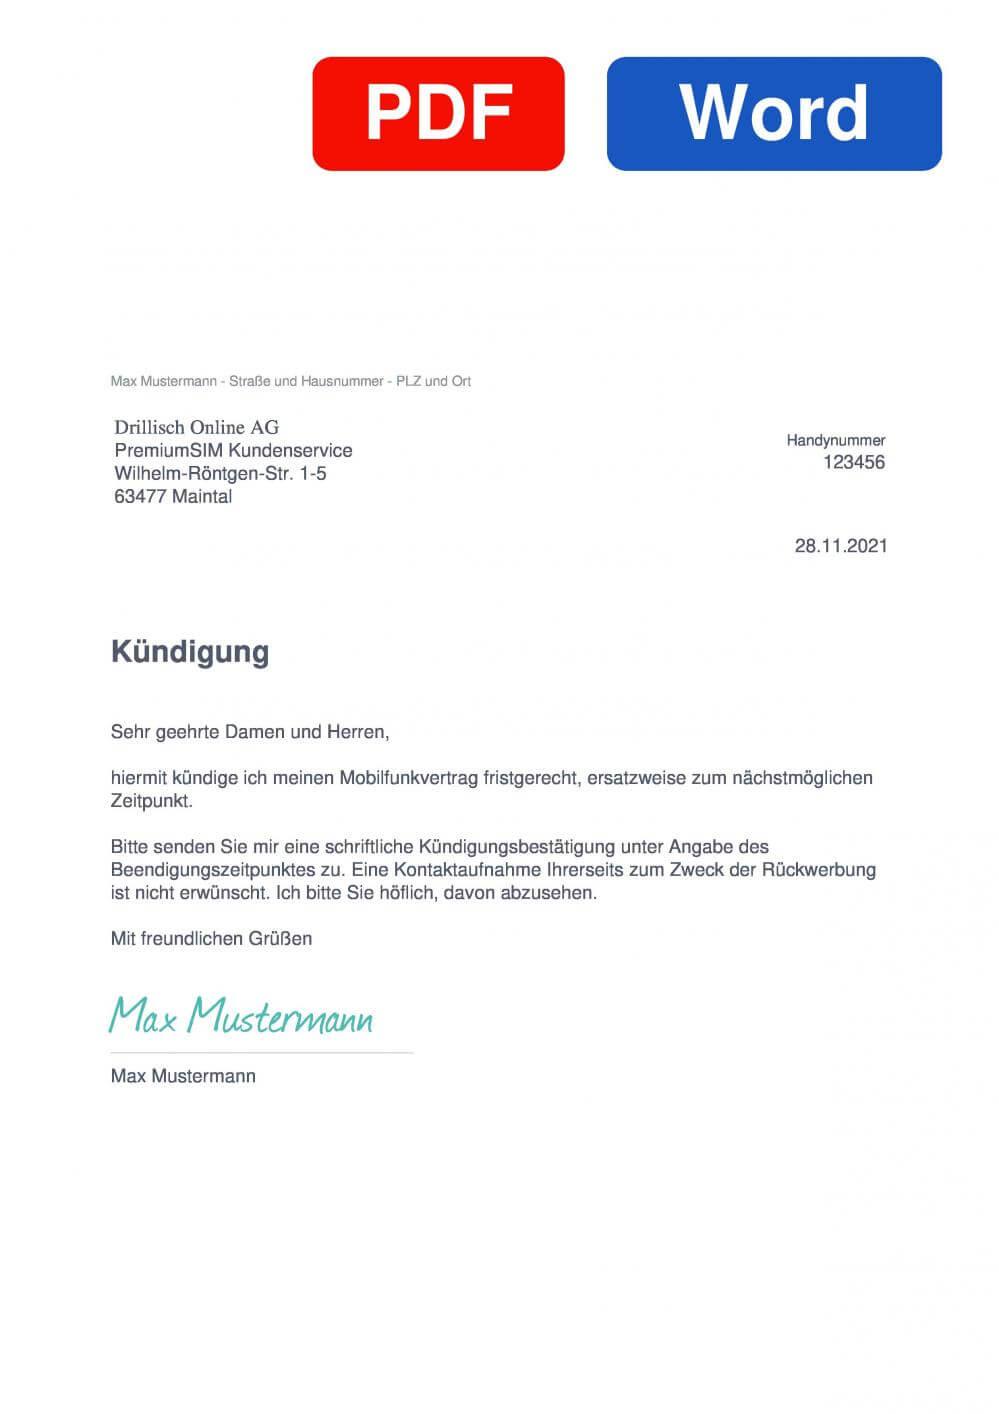 Premiumsim Muster Vorlage für Kündigungsschreiben